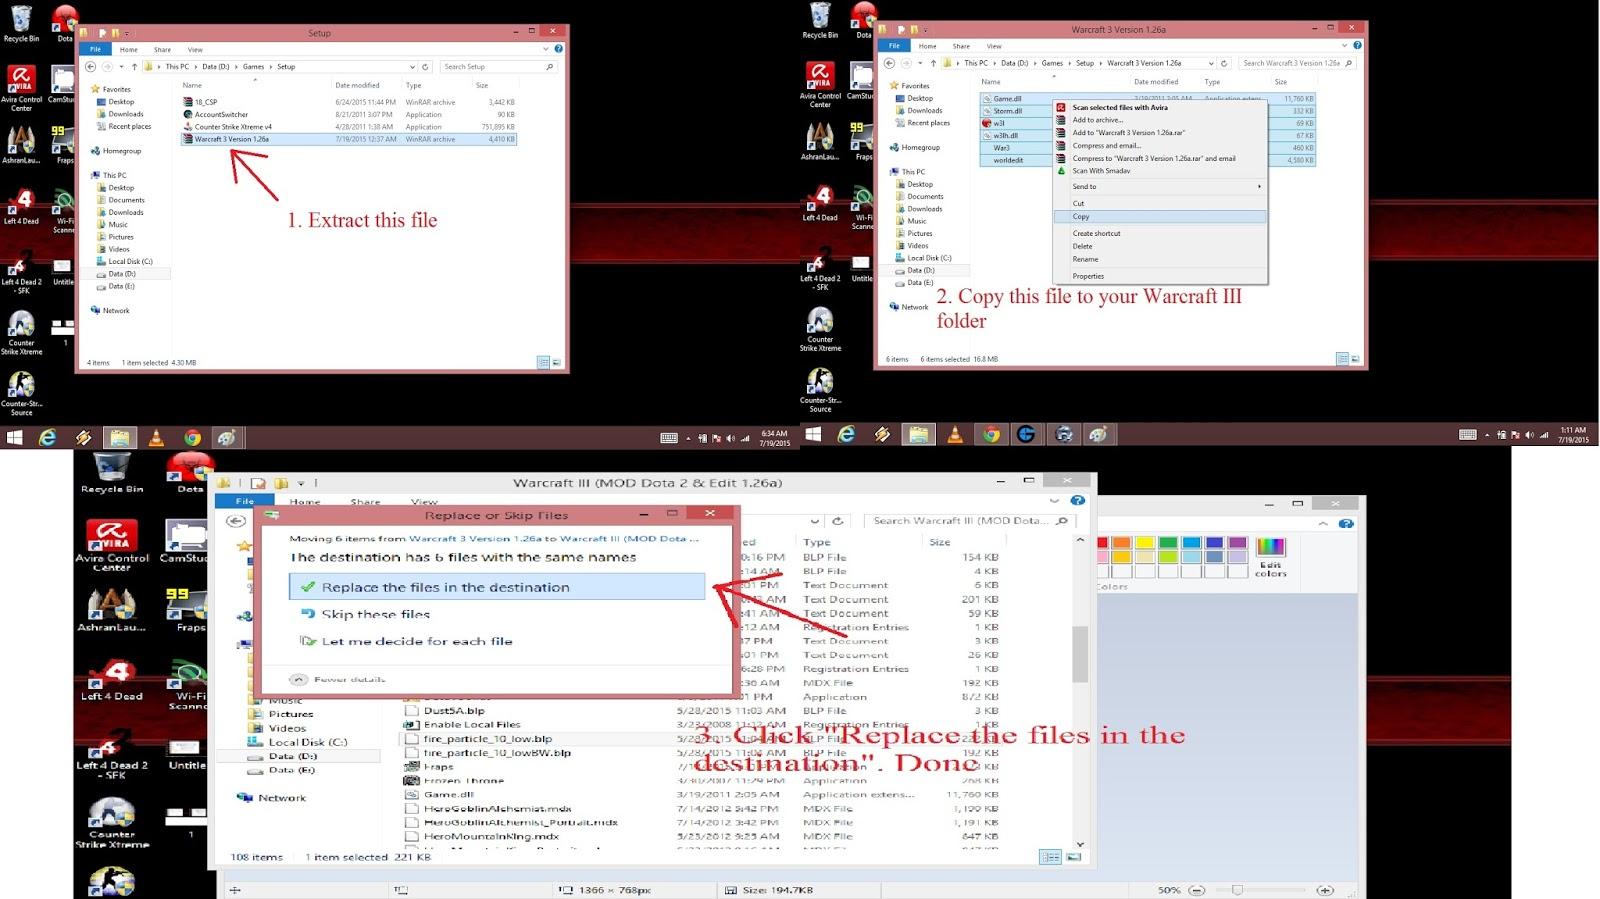 Скачать файл mss32 dll для warcraft 3